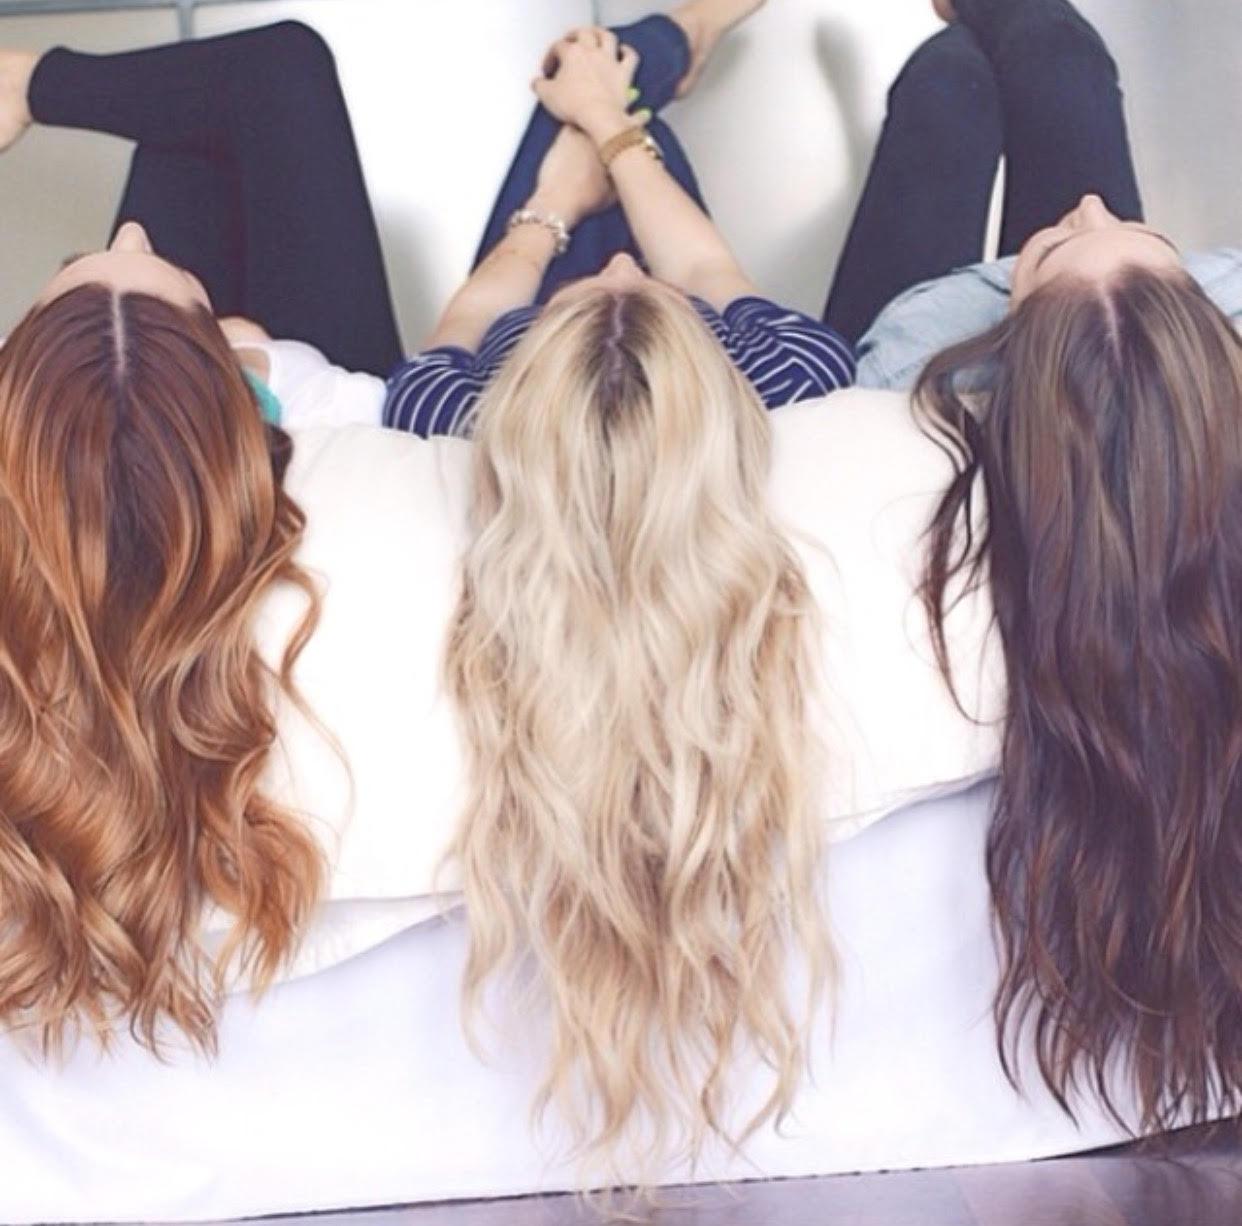 Tendenza capelli estate 2017: ecco l'Hair integration 30 Tendenza capelli estate 2017: ecco l'Hair integration